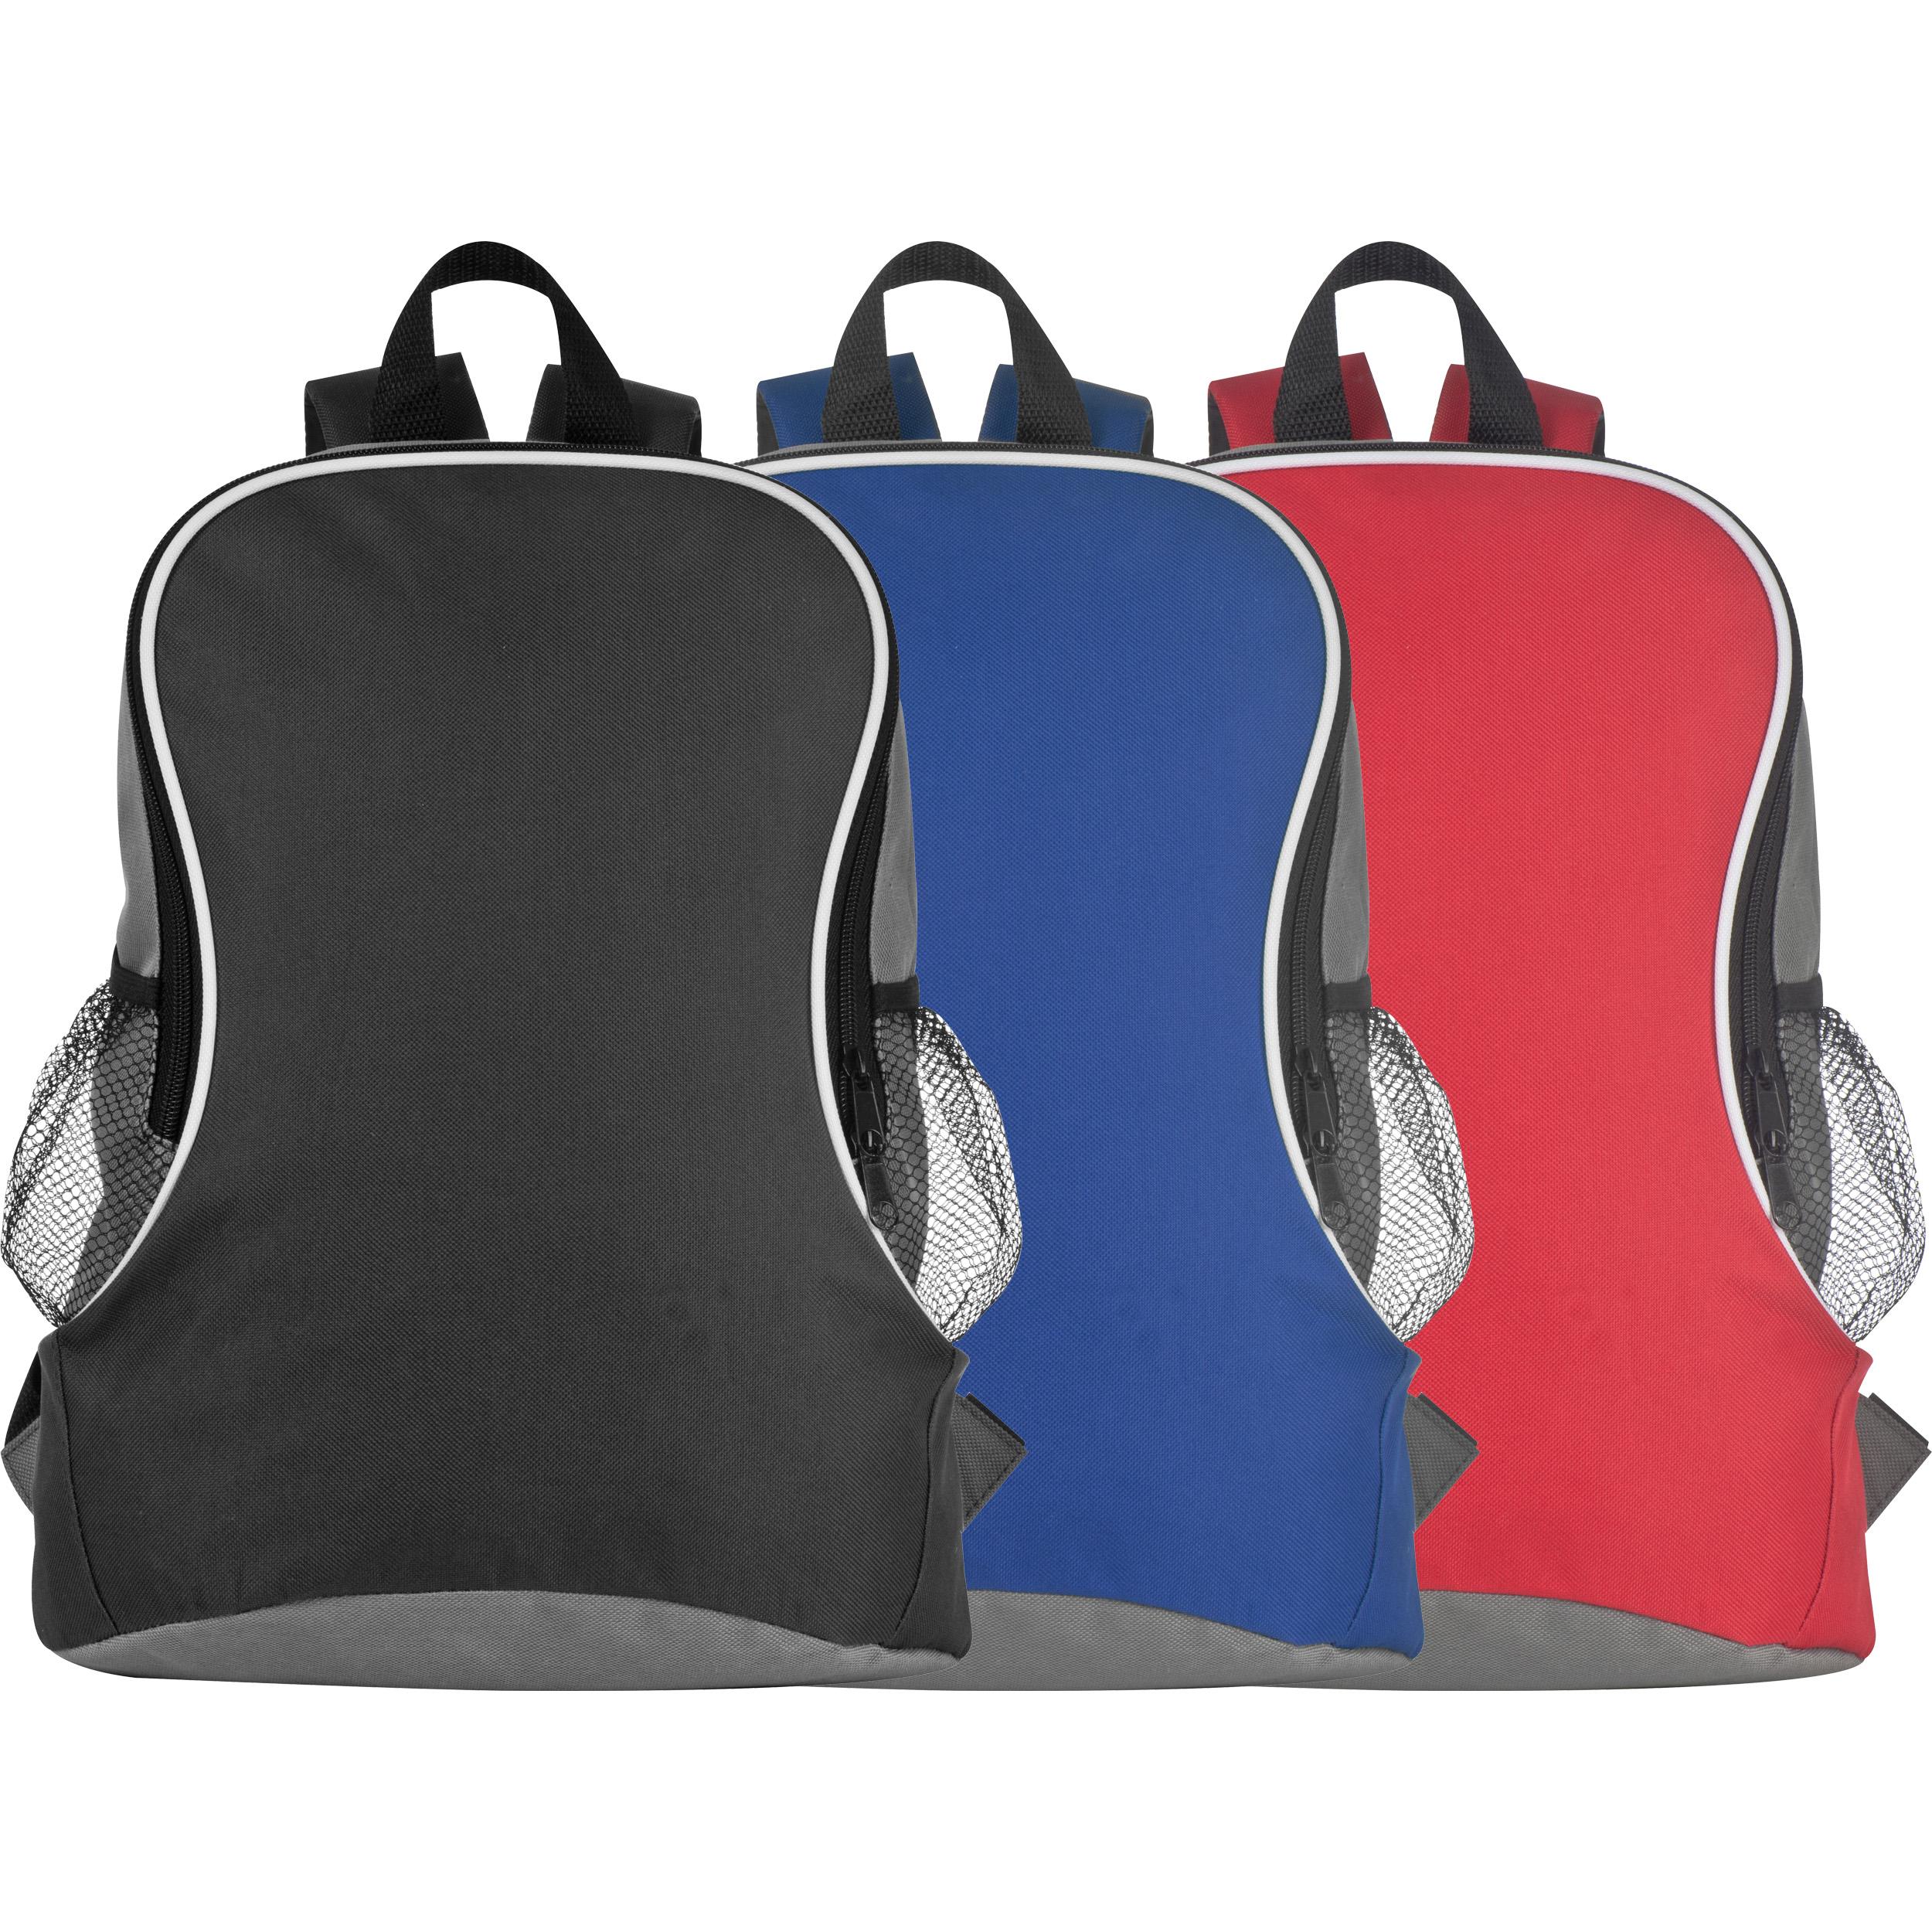 Rucksack mit Seitenfächern aus Polyester